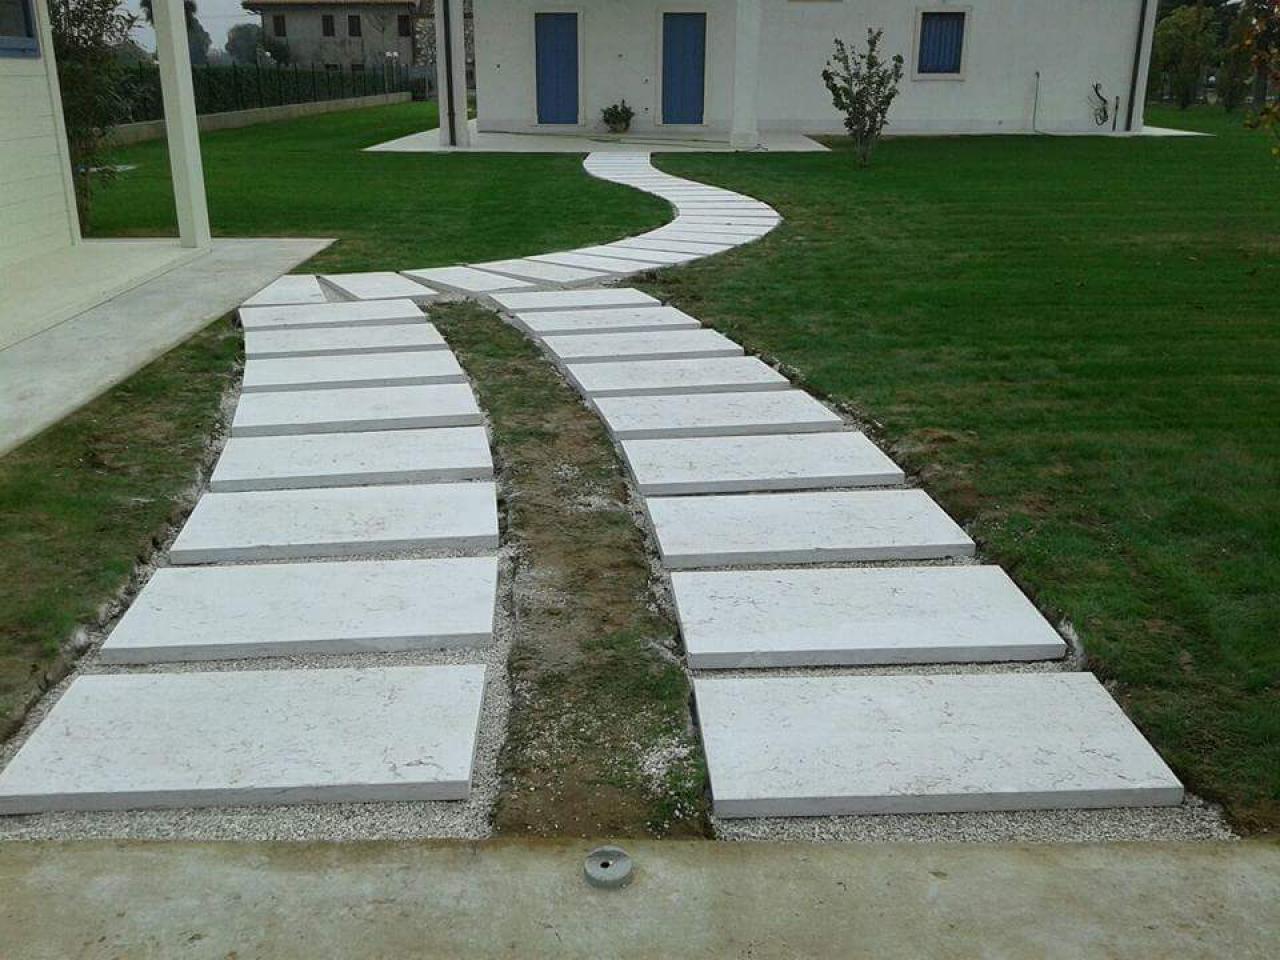 Pietra lessinia o prun vialetto in giardino realizzato da pellizzari vicenza fratelli - Pietre camminamento giardino ...